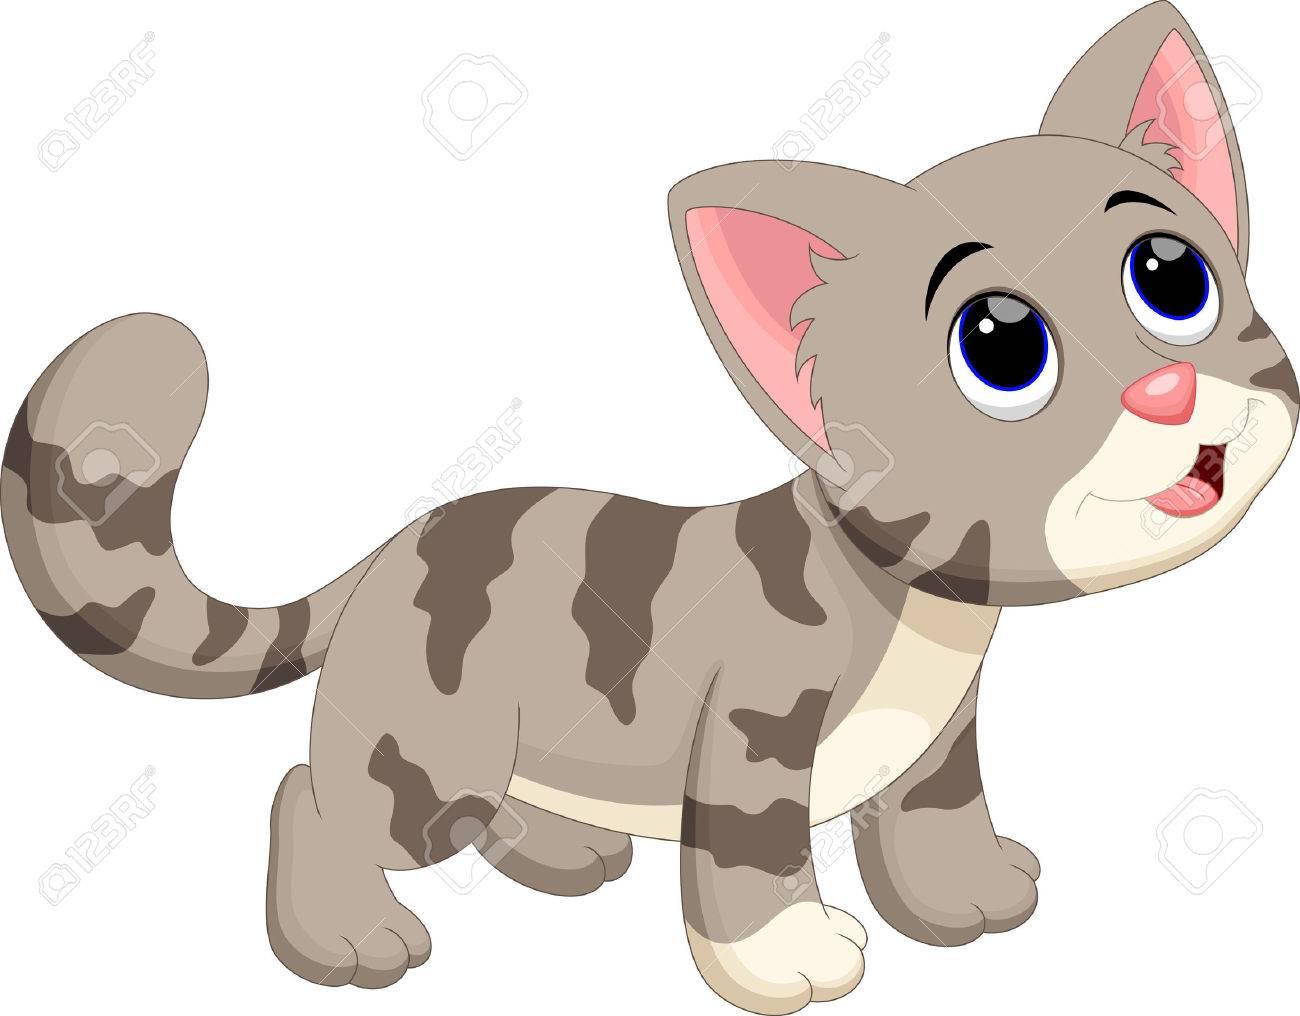 Cute cat cartoon.